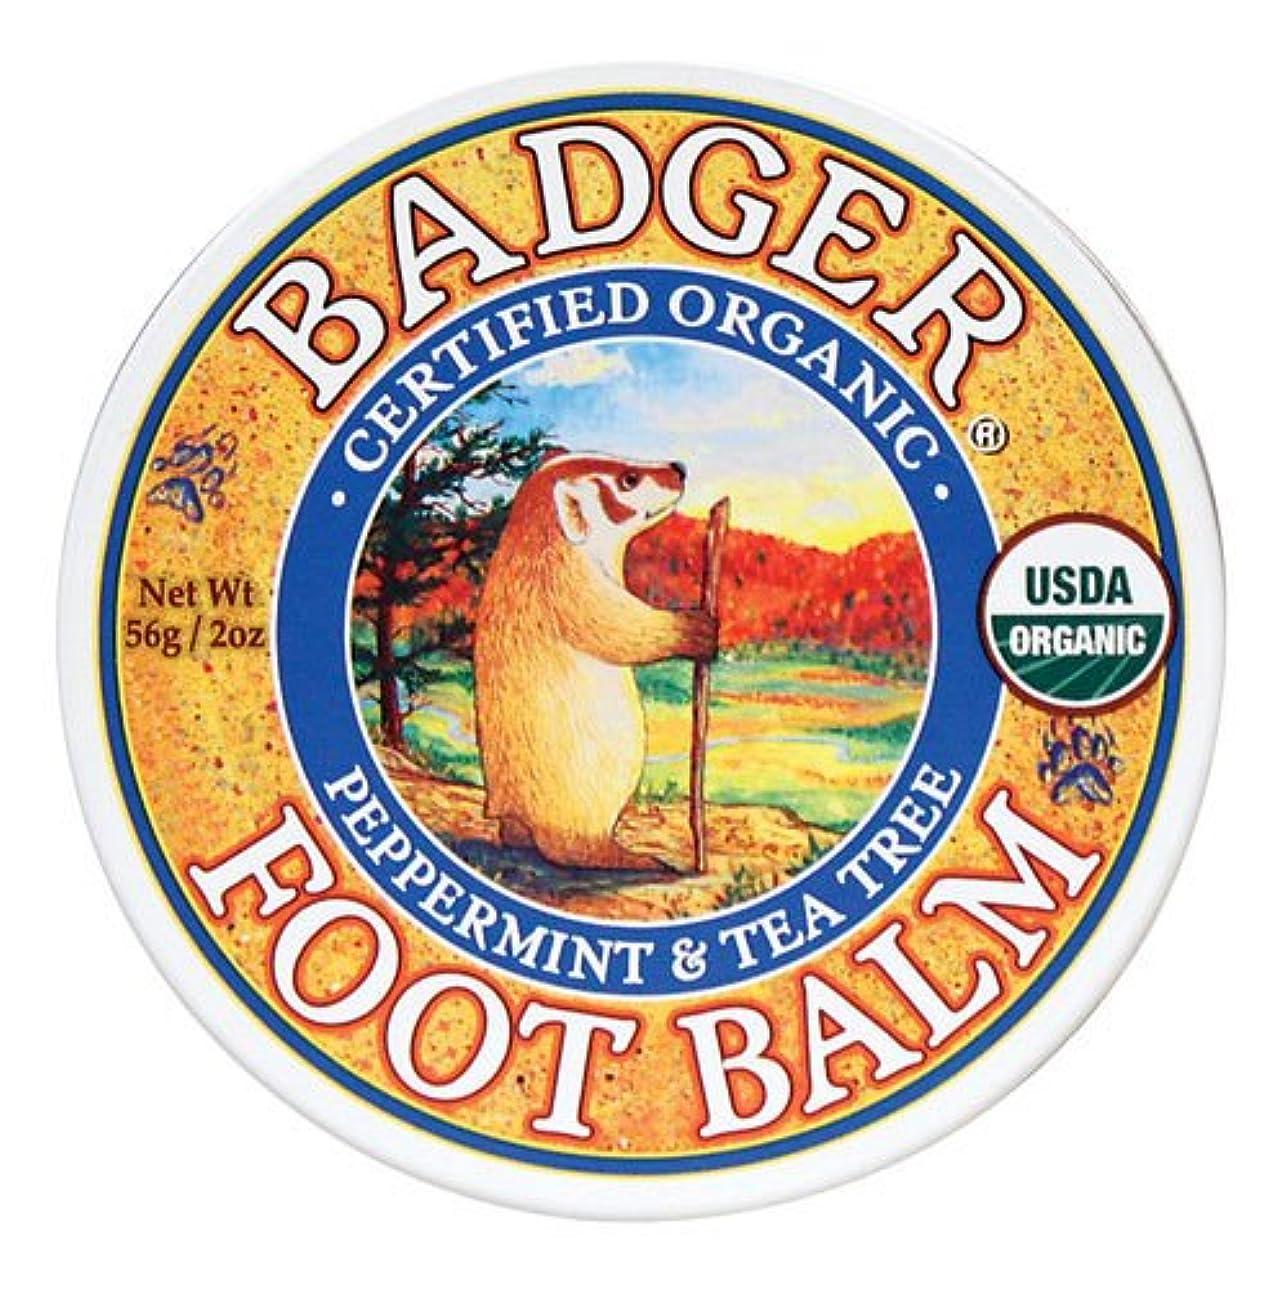 前件あなたは昆虫Badger バジャー オーガニックフットクリーム ペパーミント & ティーツリー 56g【海外直送品】【並行輸入品】